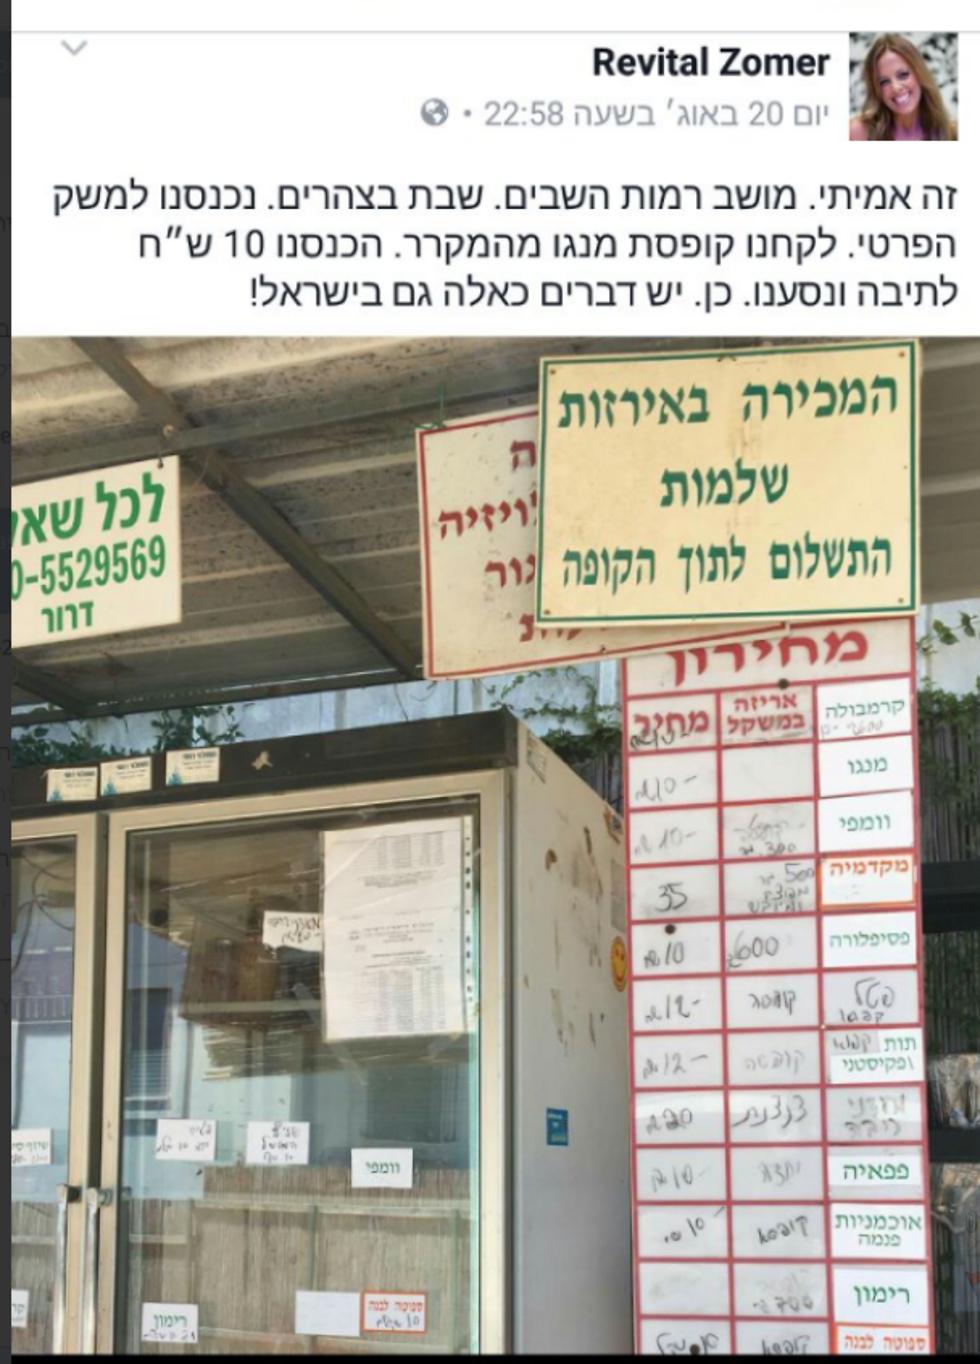 המחירים לצרכן של משתלת אוהד. המקרר פתוח, רק אל תשכחו לשלם (צילום מסך מעמוד הפייסבוק של רויטל זומר) (צילום מסך מעמוד הפייסבוק של רויטל זומר)